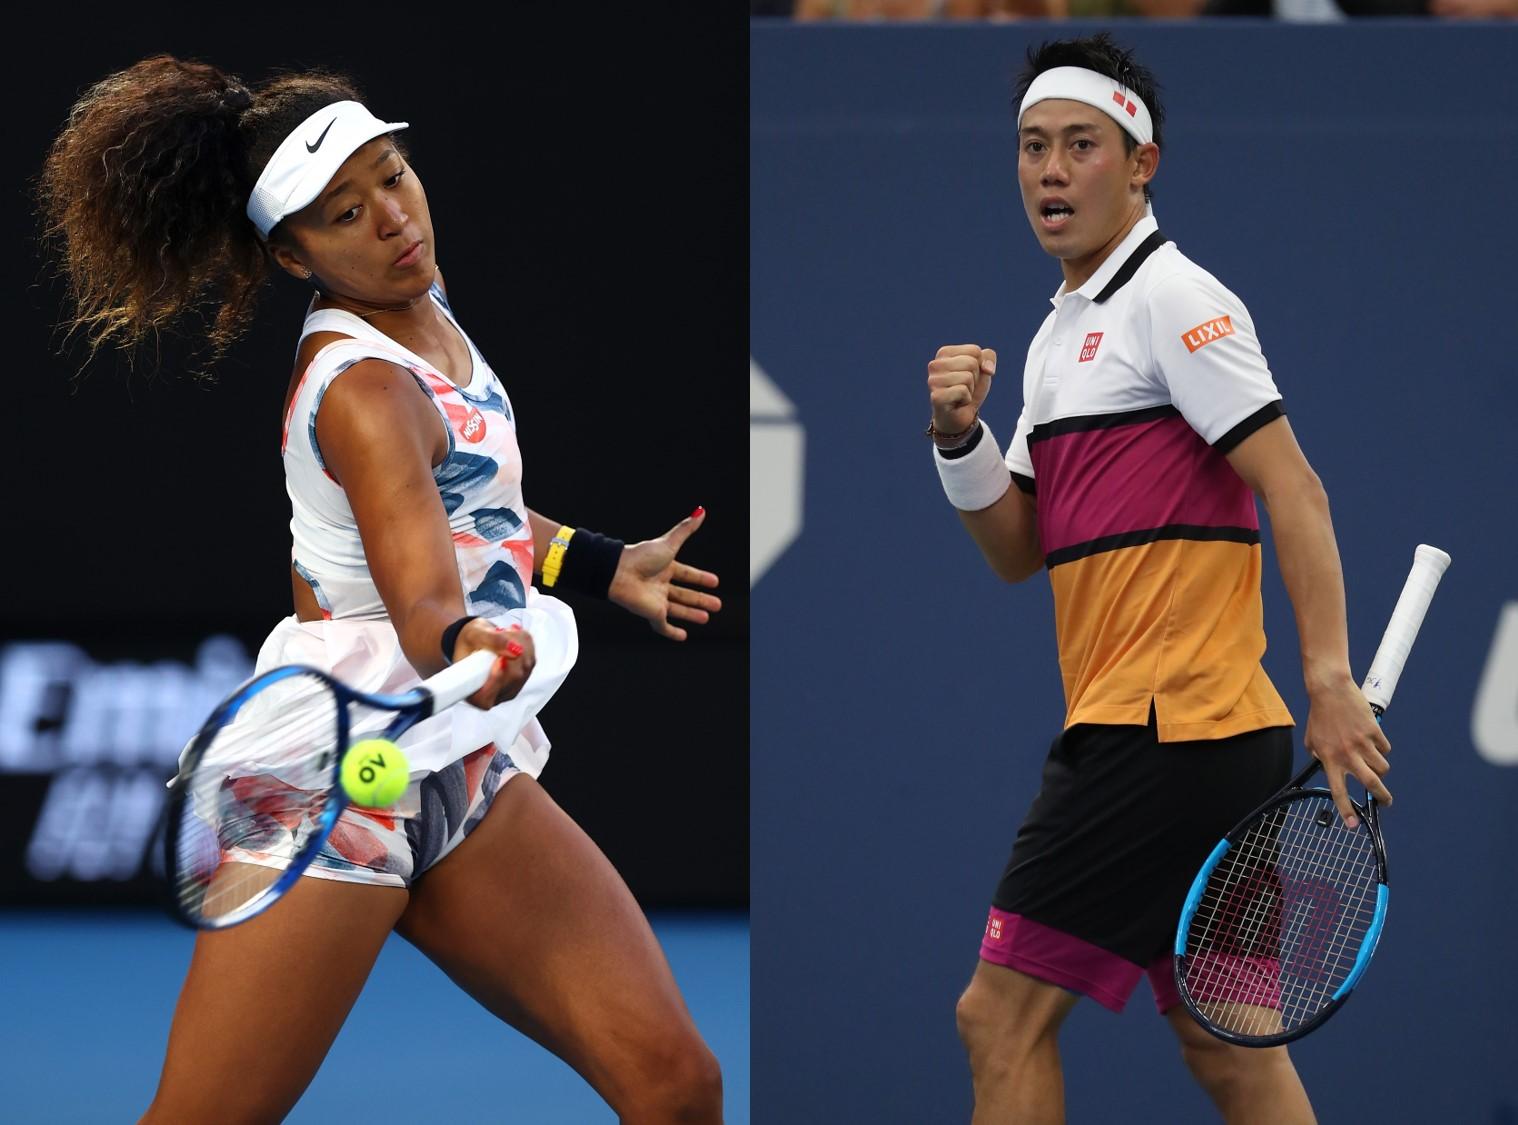 【テニス】大坂なおみはパブリウチェンコワと、錦織圭はカレーニョ・ブスタと対戦 全豪オープン初戦 画像